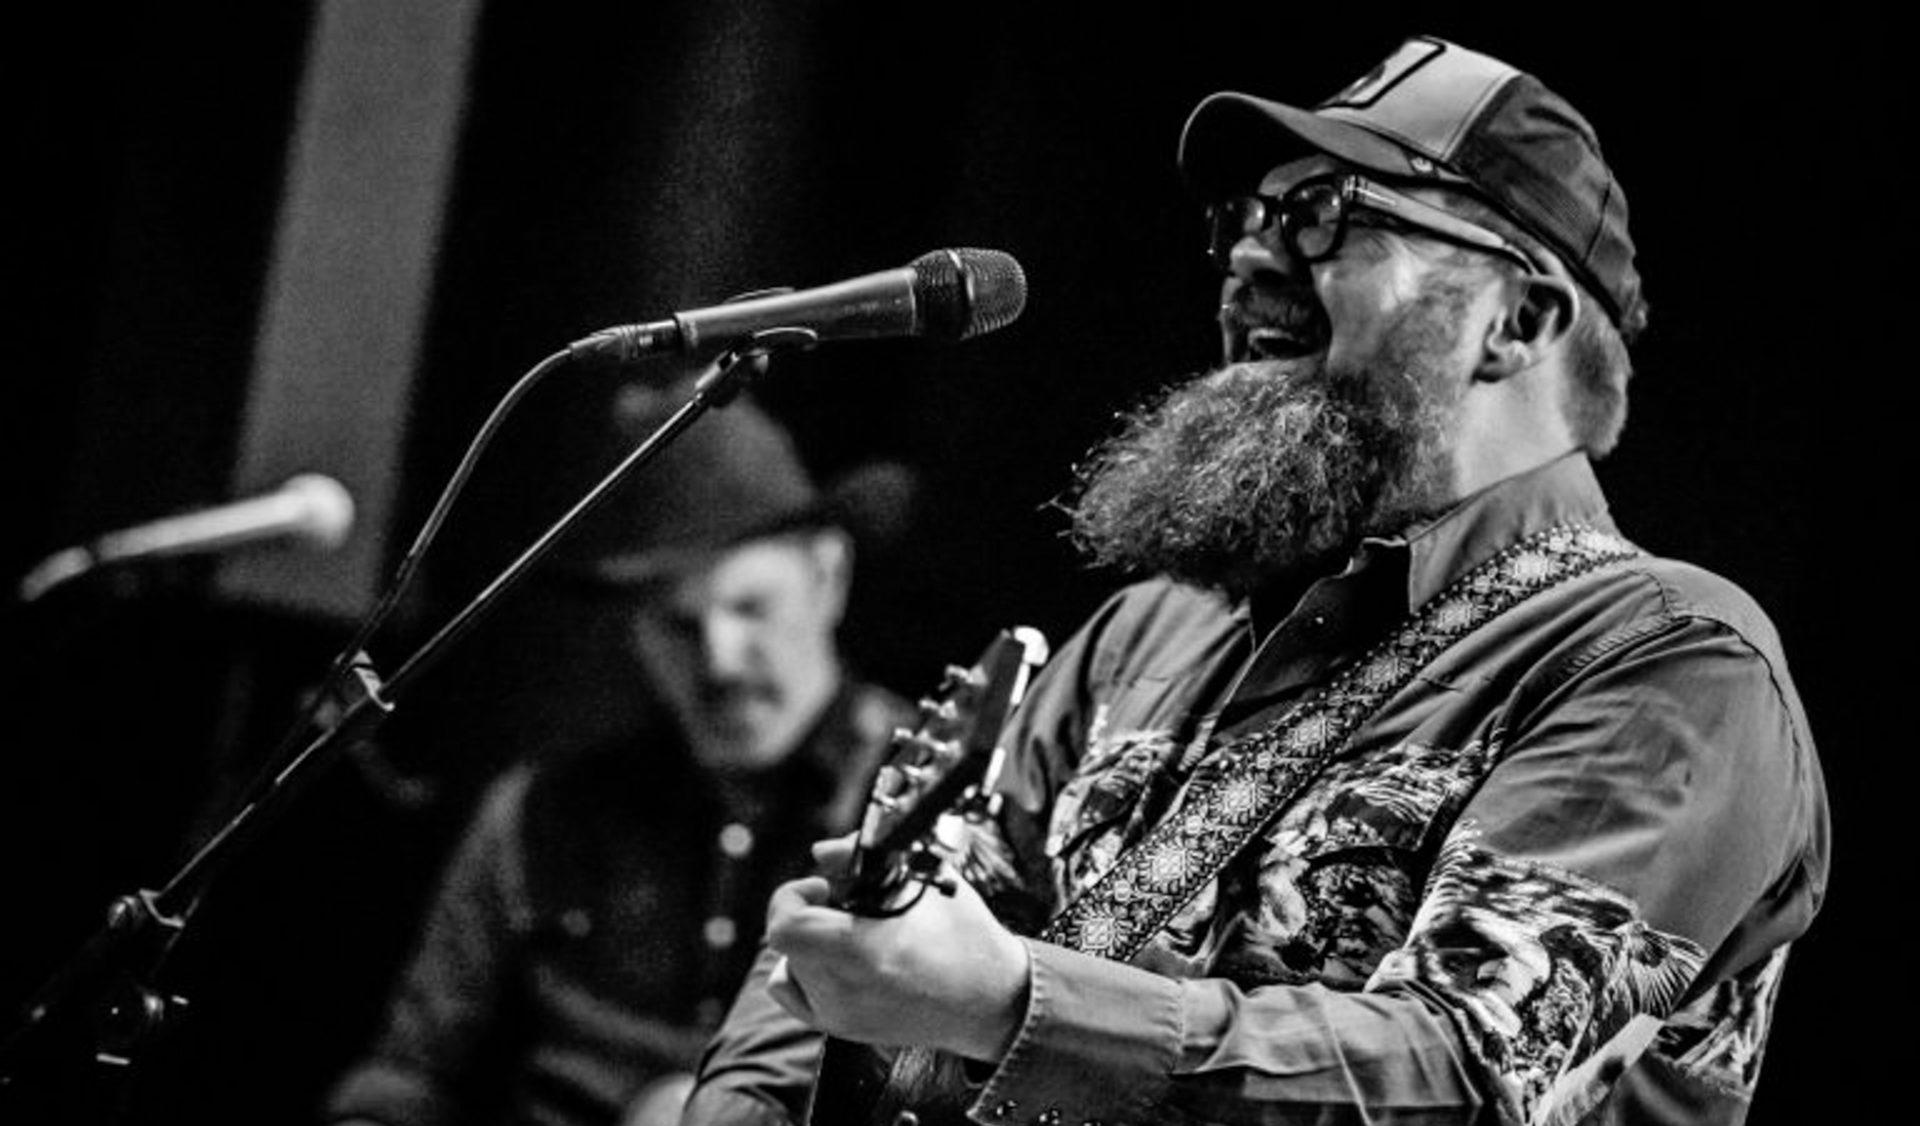 Gratis koncert: The Land Band spiller live i Kunsthal Aarhus